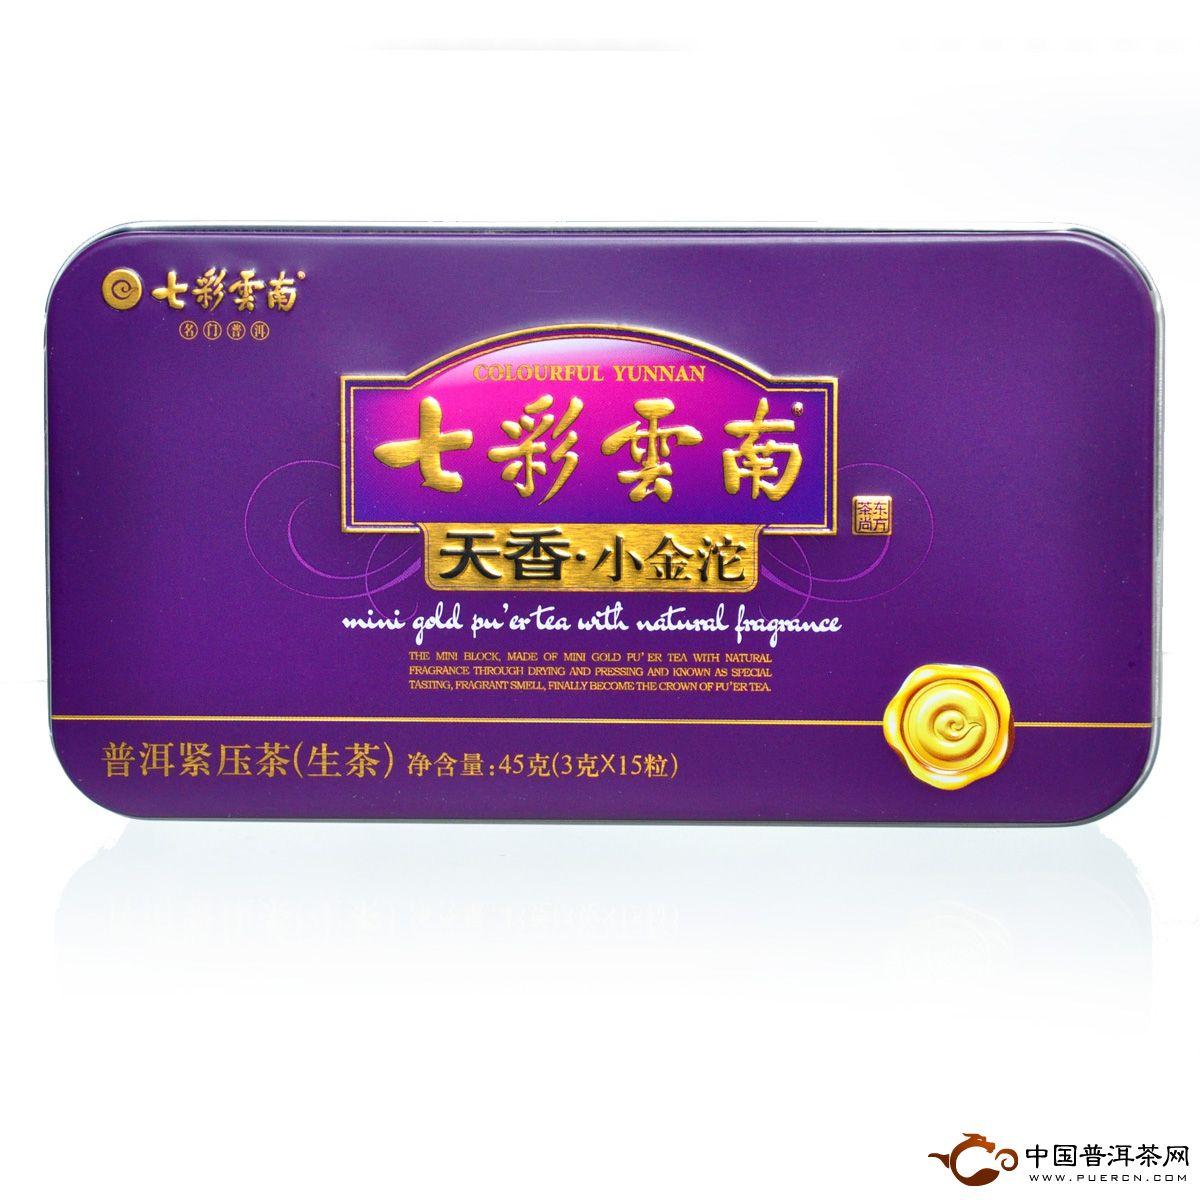 七彩云南:普洱茶产业要发展、更要创新